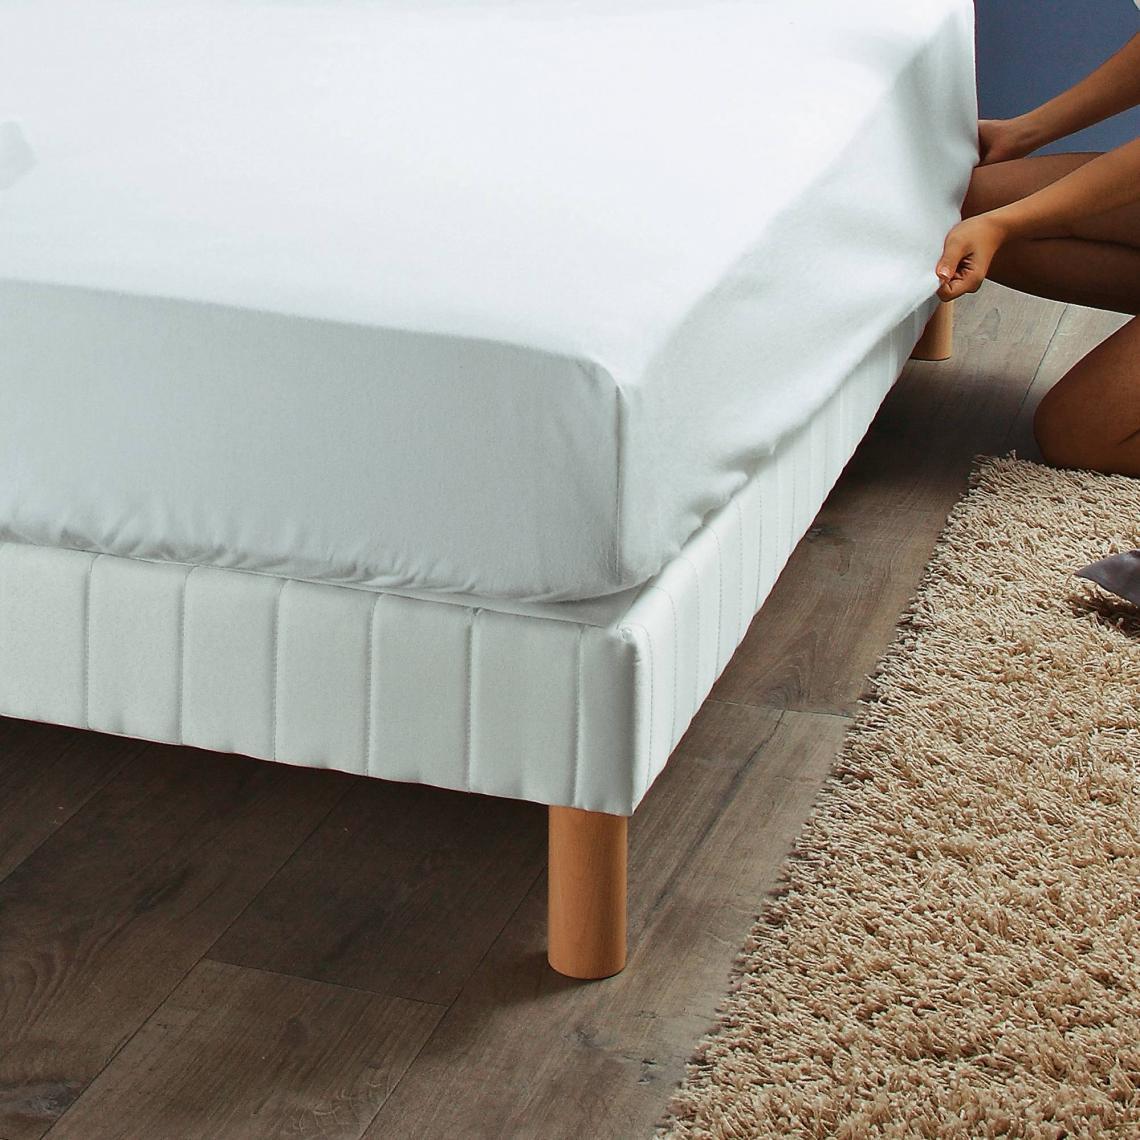 5980dc851ba Protège-matelas spécial matelas épais SELENIA en molleton pur coton - Blanc  Selenia Literie